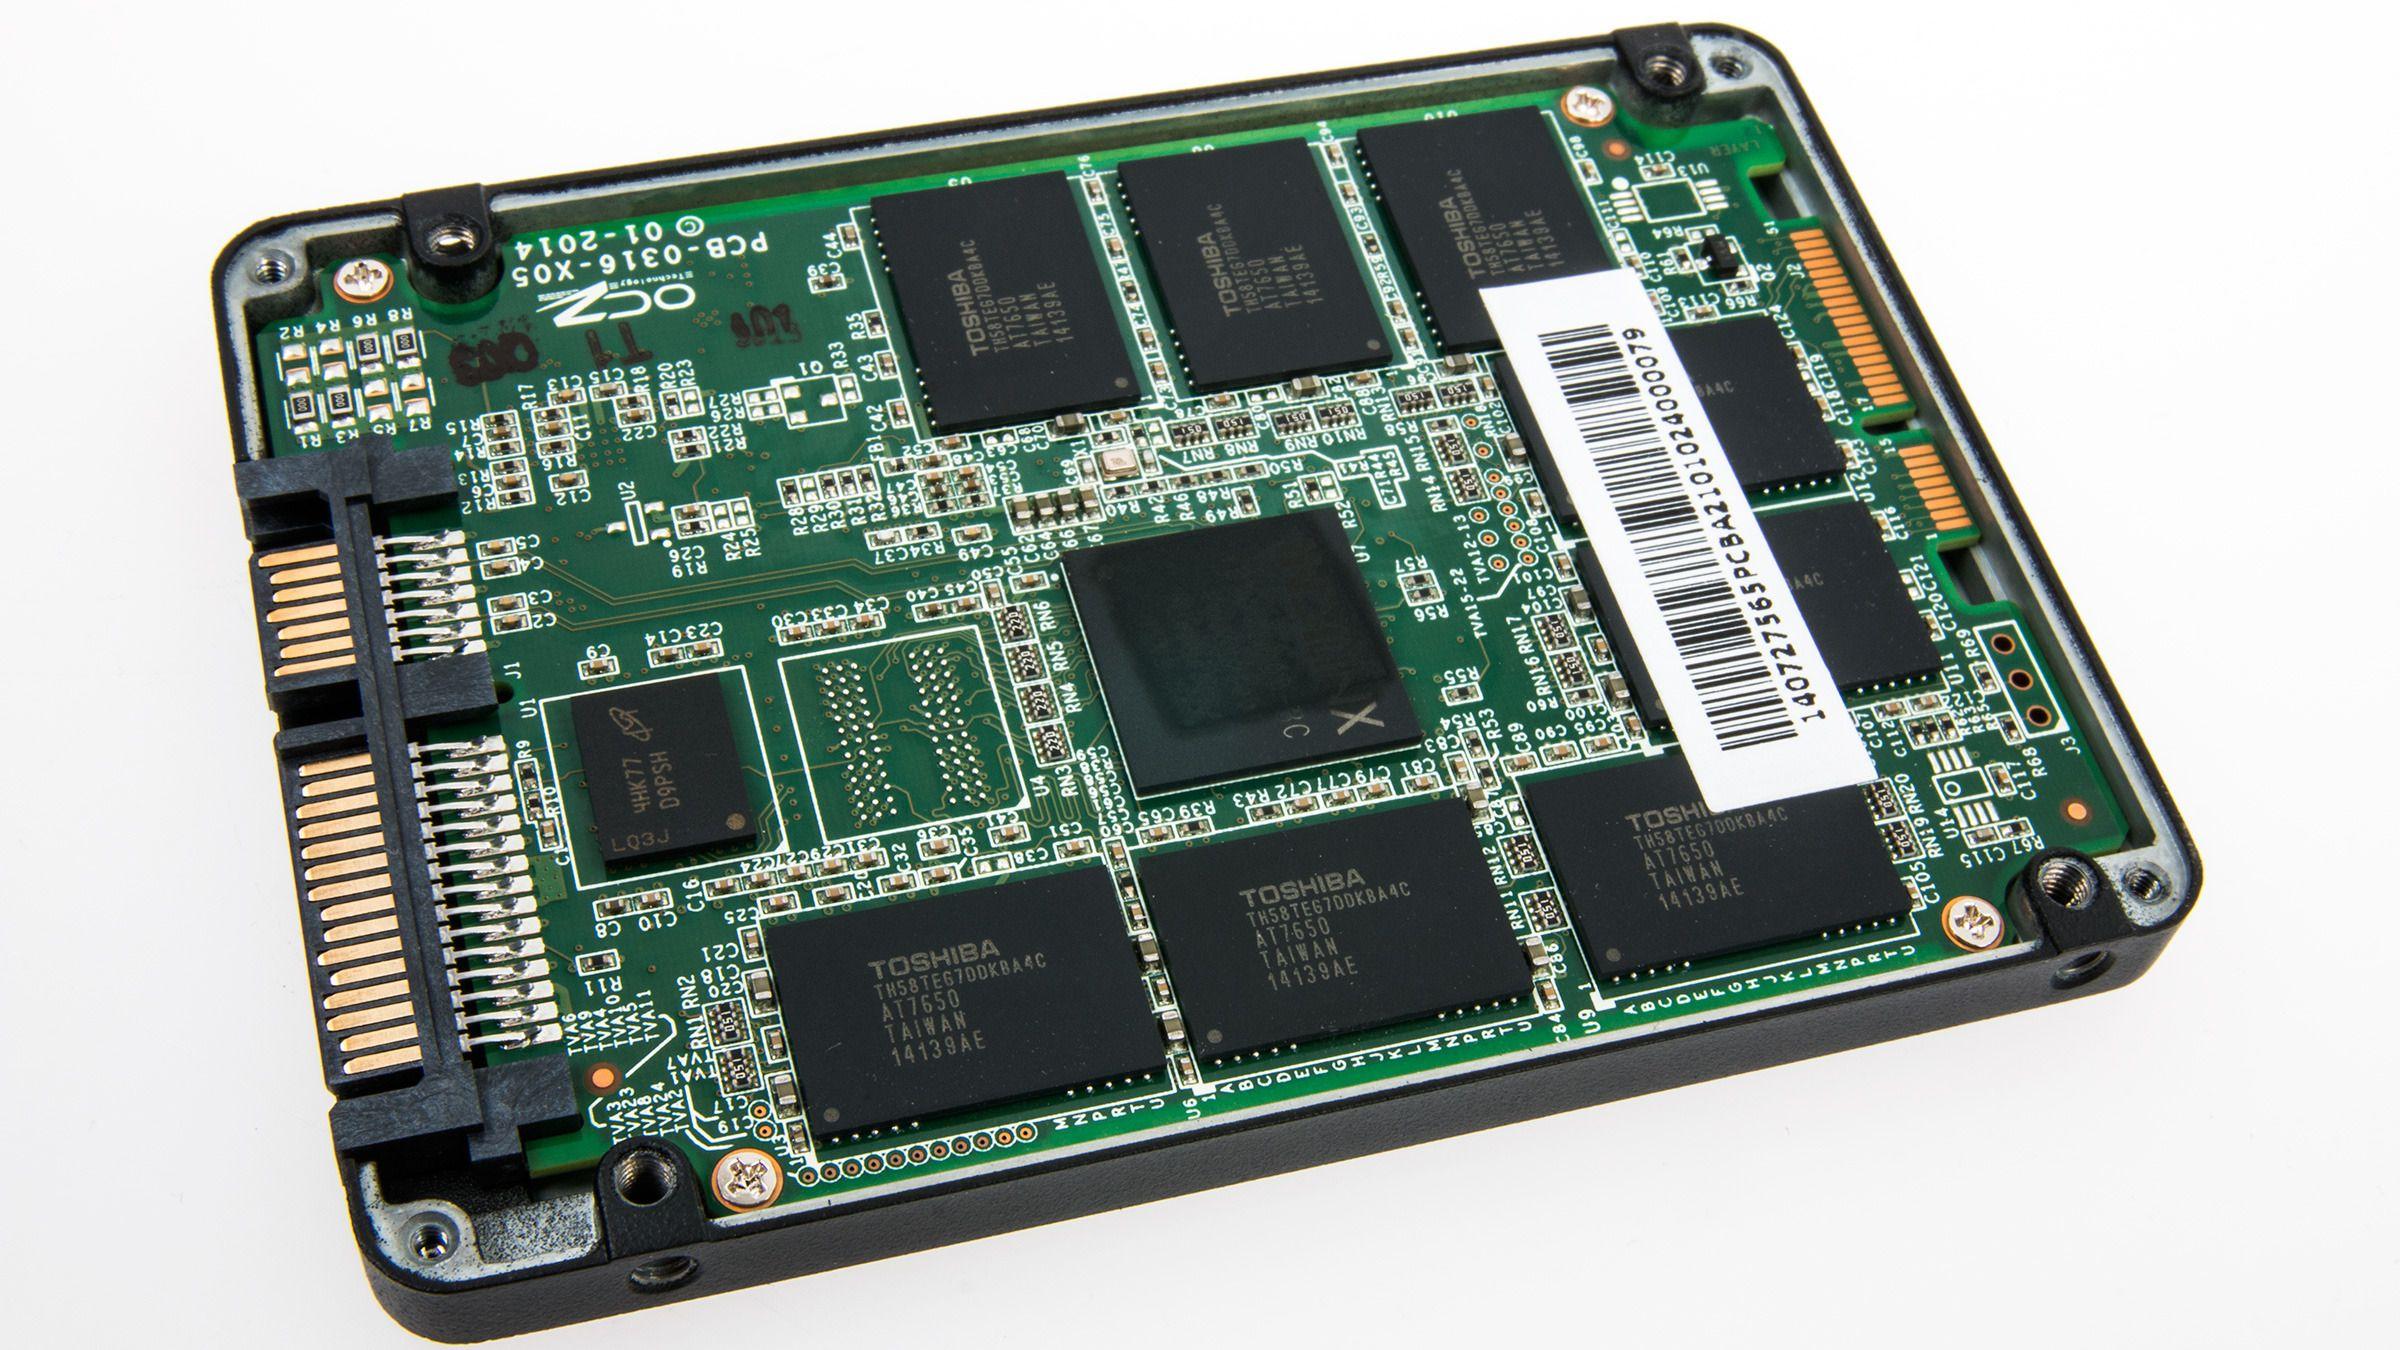 Innsiden av AMD Radeon R7 240 GB SSD.Foto: Varg Aamo, Hardware.no